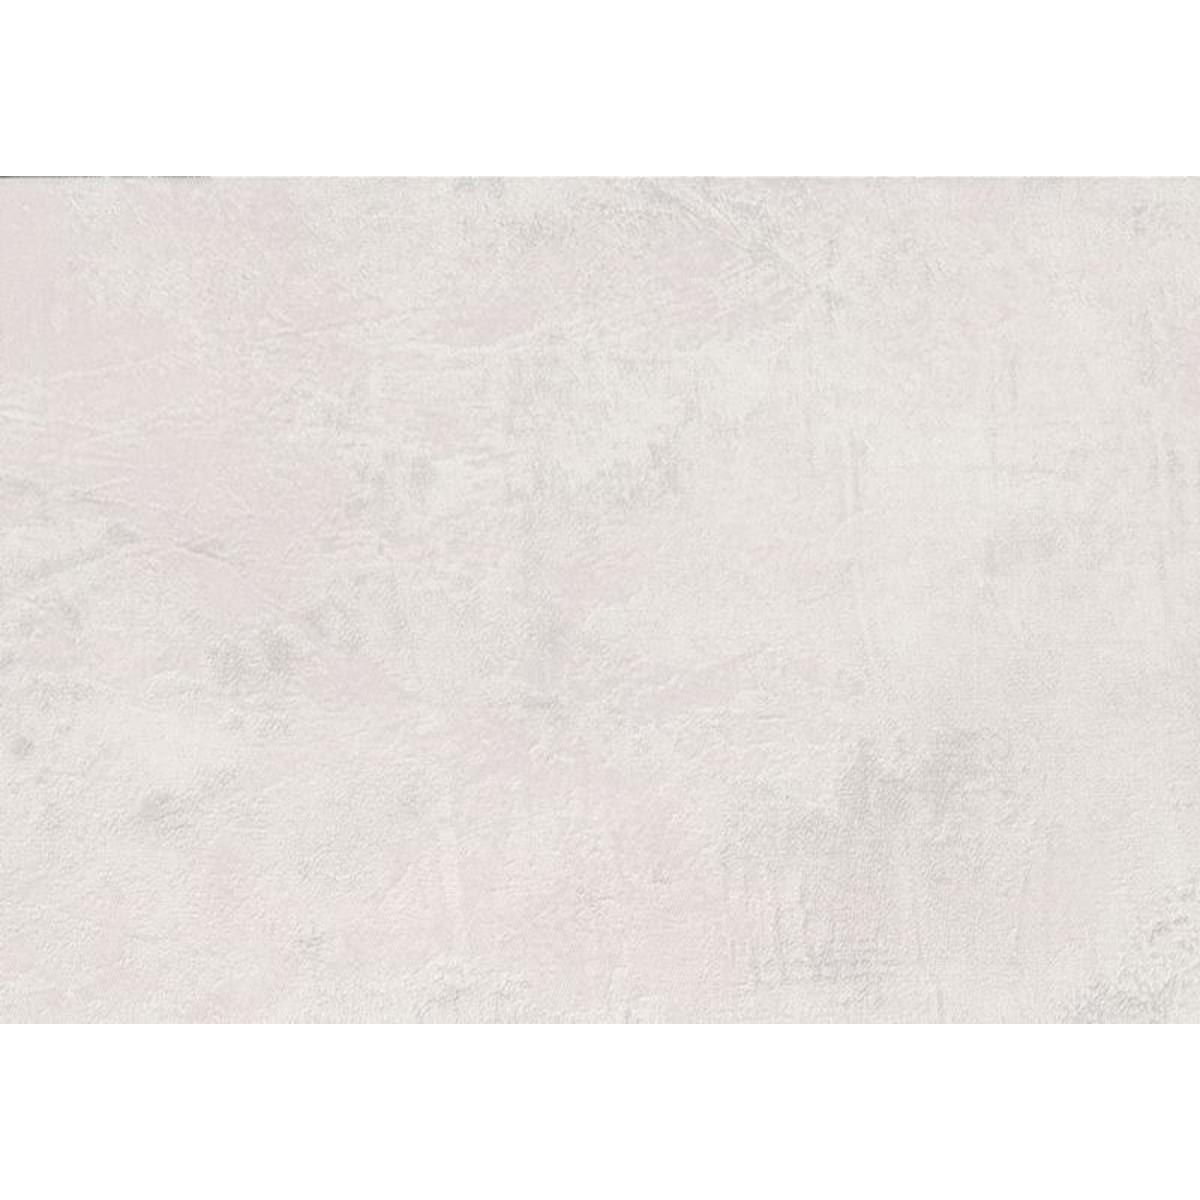 Обои флизелиновые Bellissima Stresa белые 1.06 м 32154